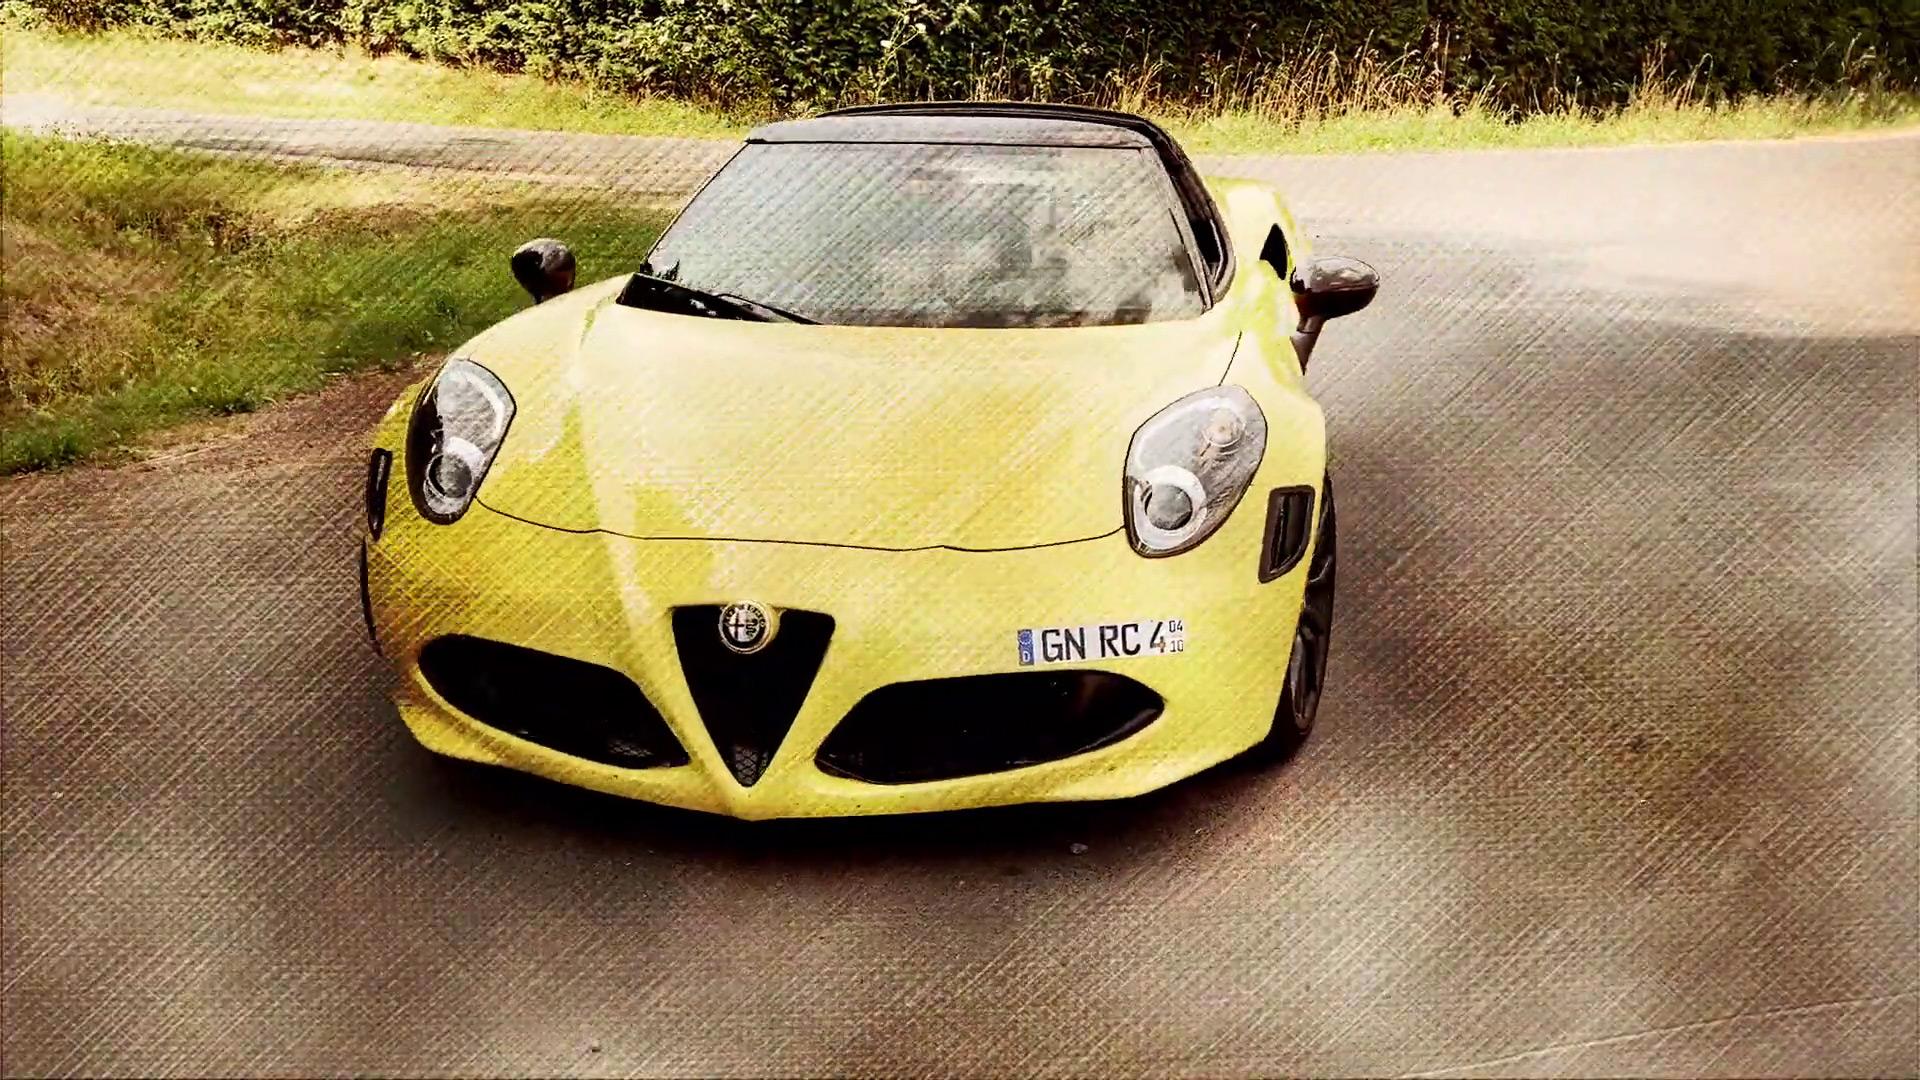 Ferrari-Feeling zum Alfa-Romeo-Preis: Alfadoktor Robert Clever beschreibt den Alfa Romeo 4C